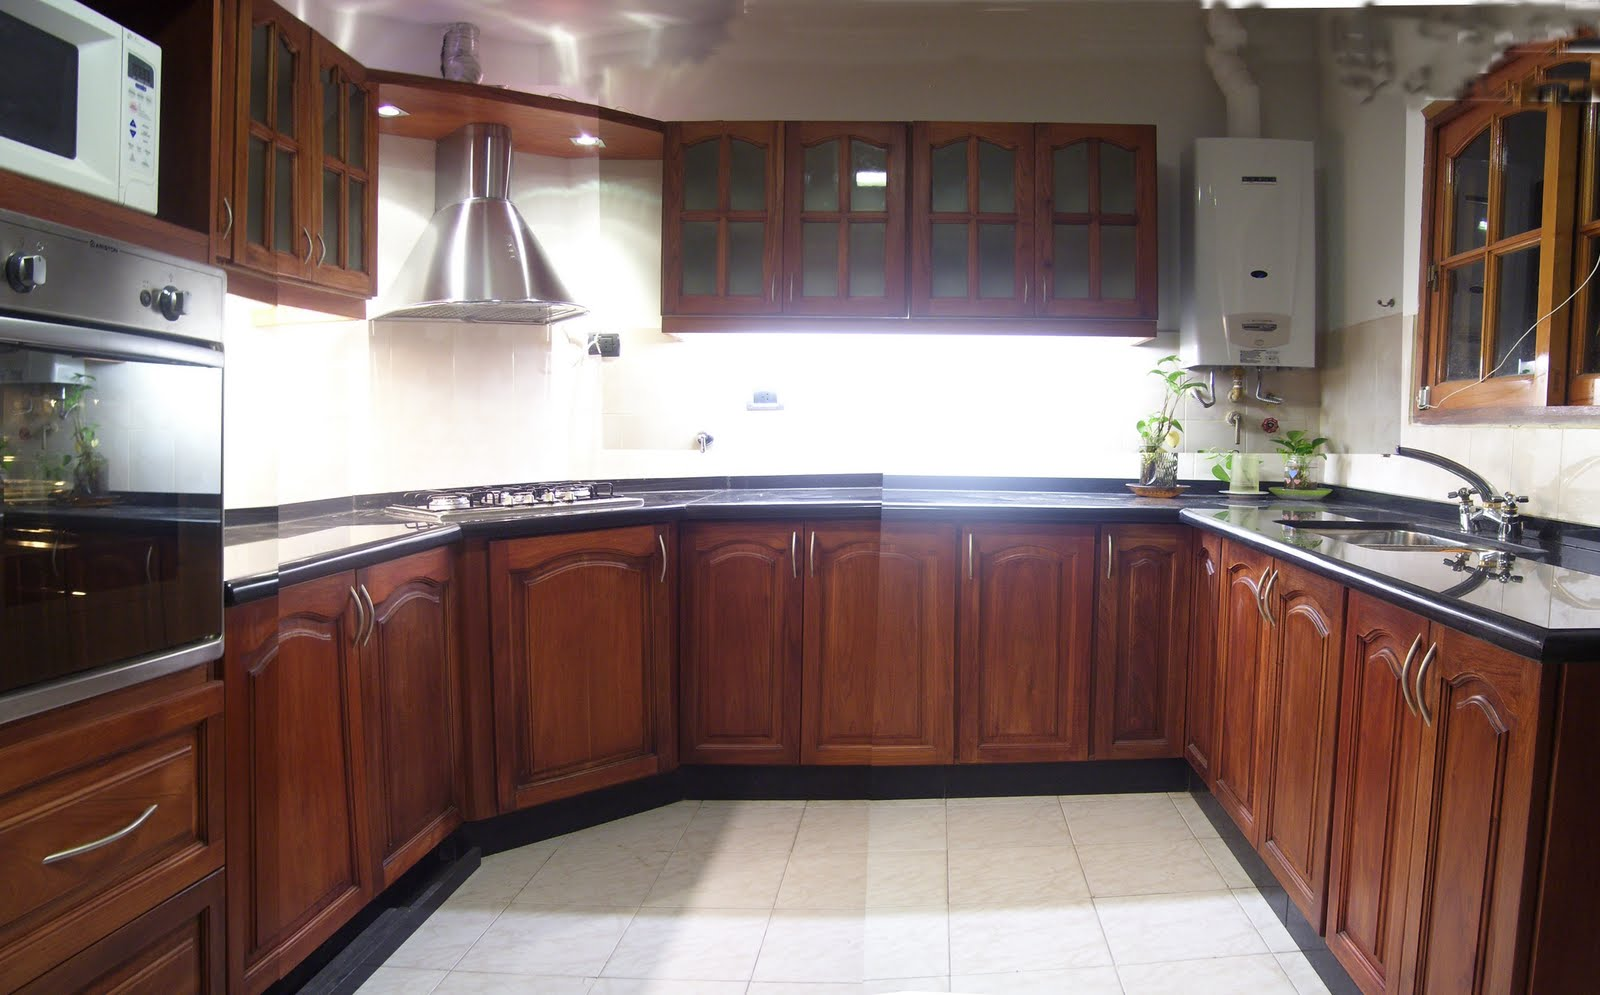 Dise o y desarrollo de muebles cocina en cedro macizo for Diseno muebles cocina